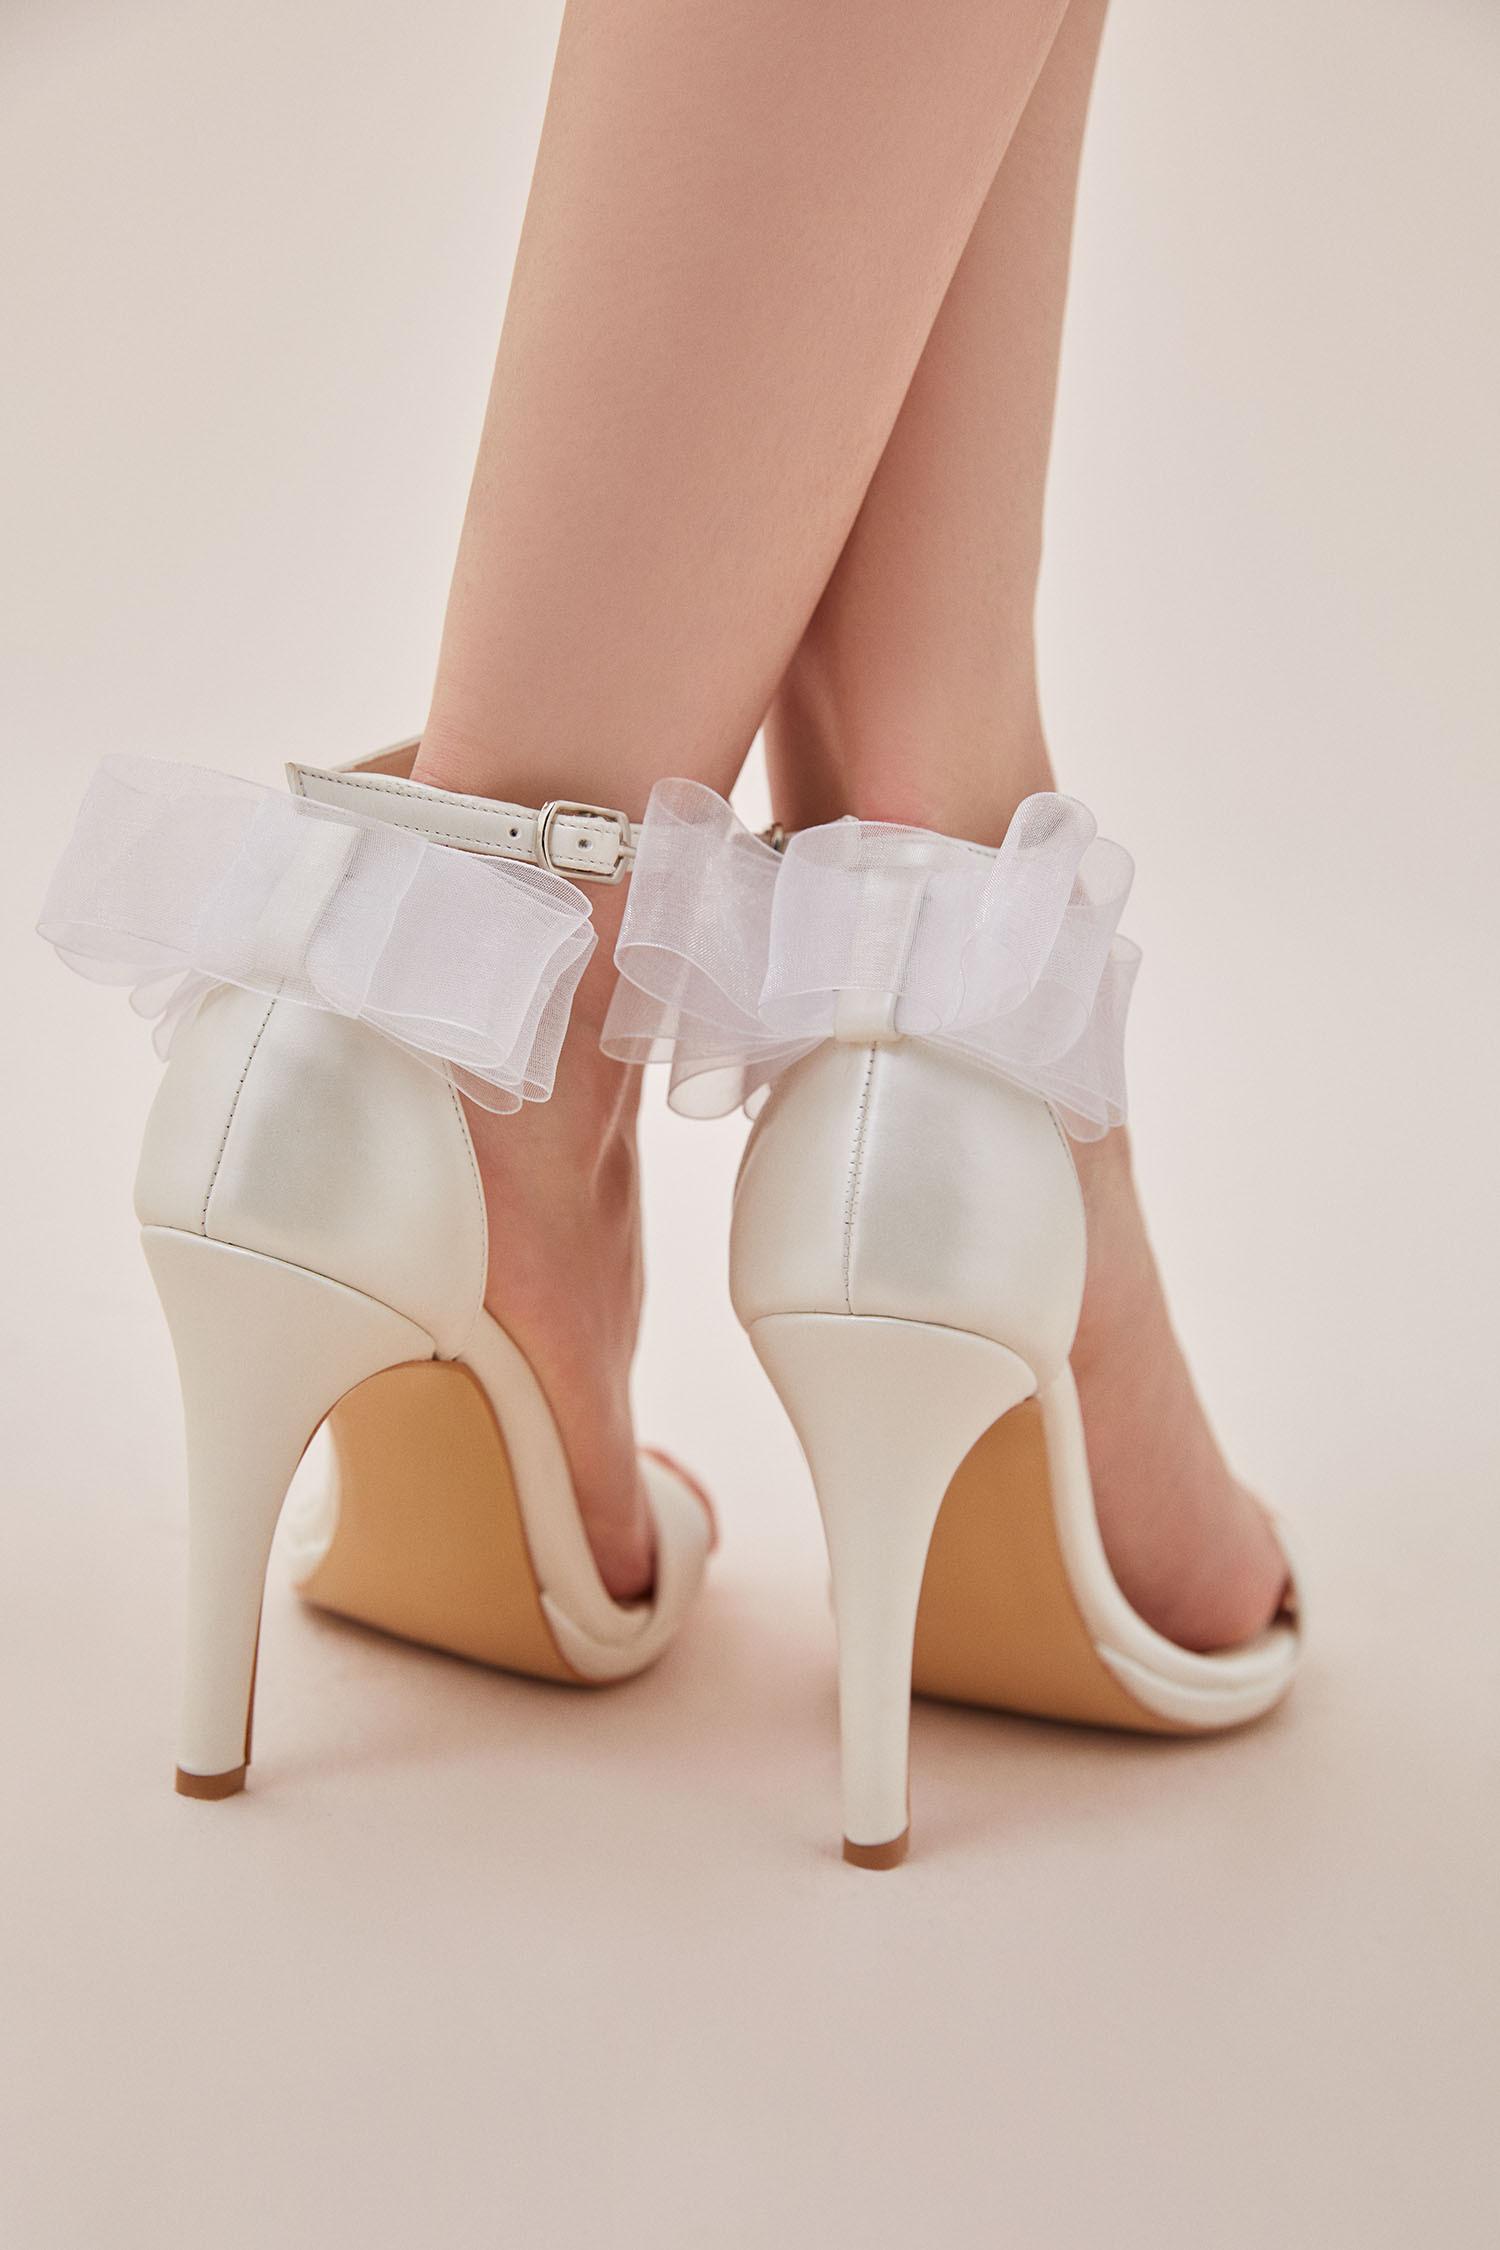 OLEG CASSINI TR - Kırık Beyaz Tül Detaylı Topuklu Gelin Ayakkabısı